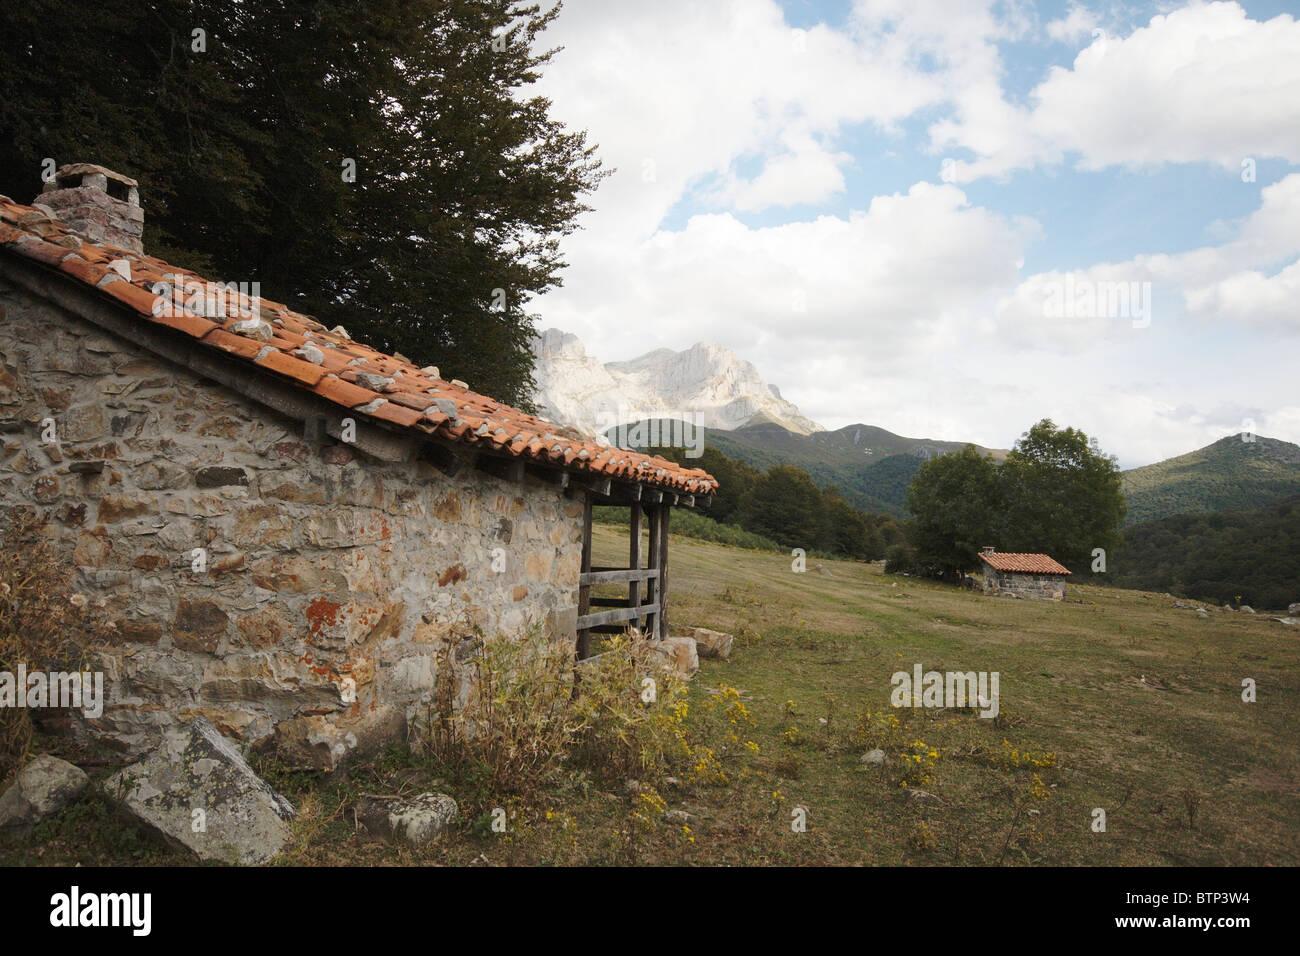 Spain, Asturias, Sotto de Sajambre, Refuge - Stock Image